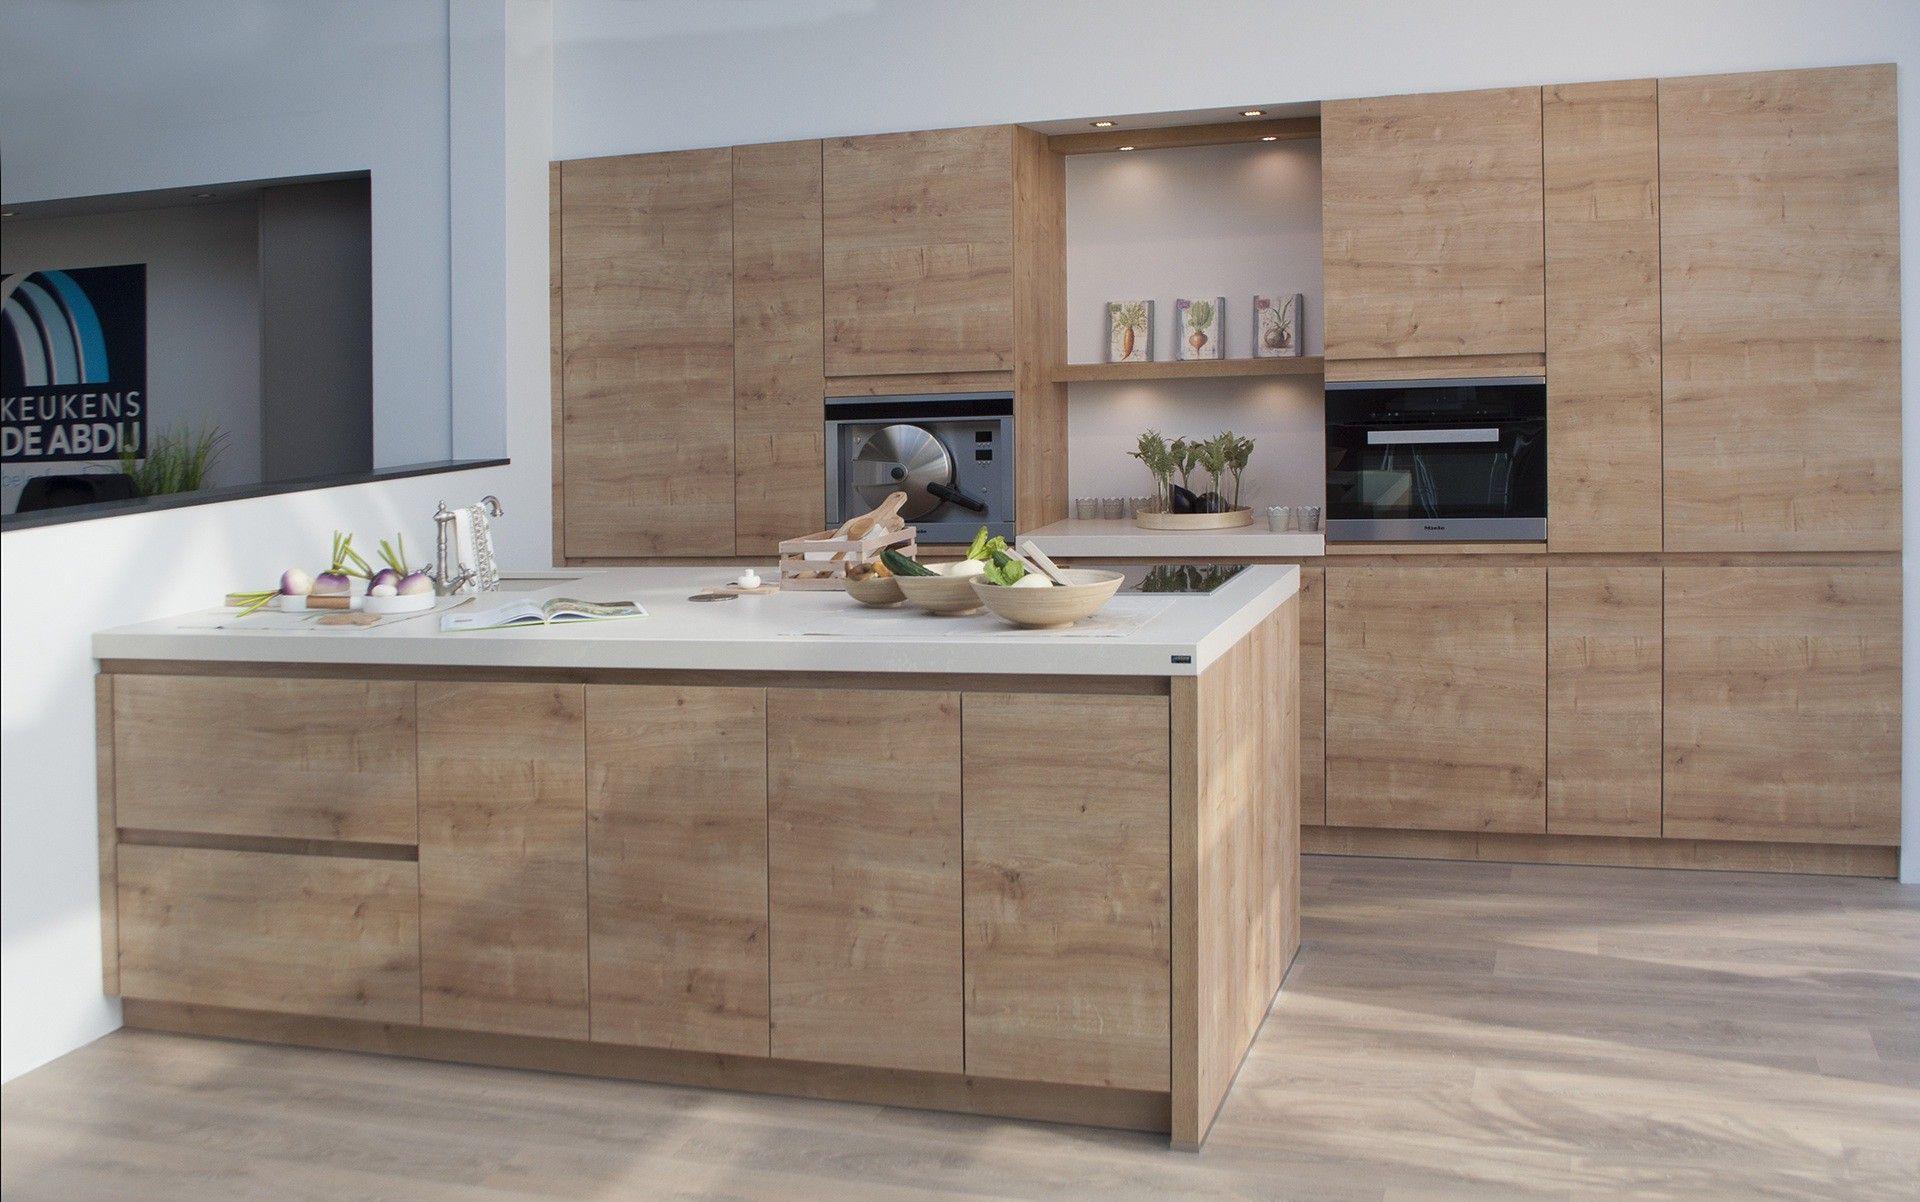 Moderne keuken met houtstructuur deze moderne keuken straalt één